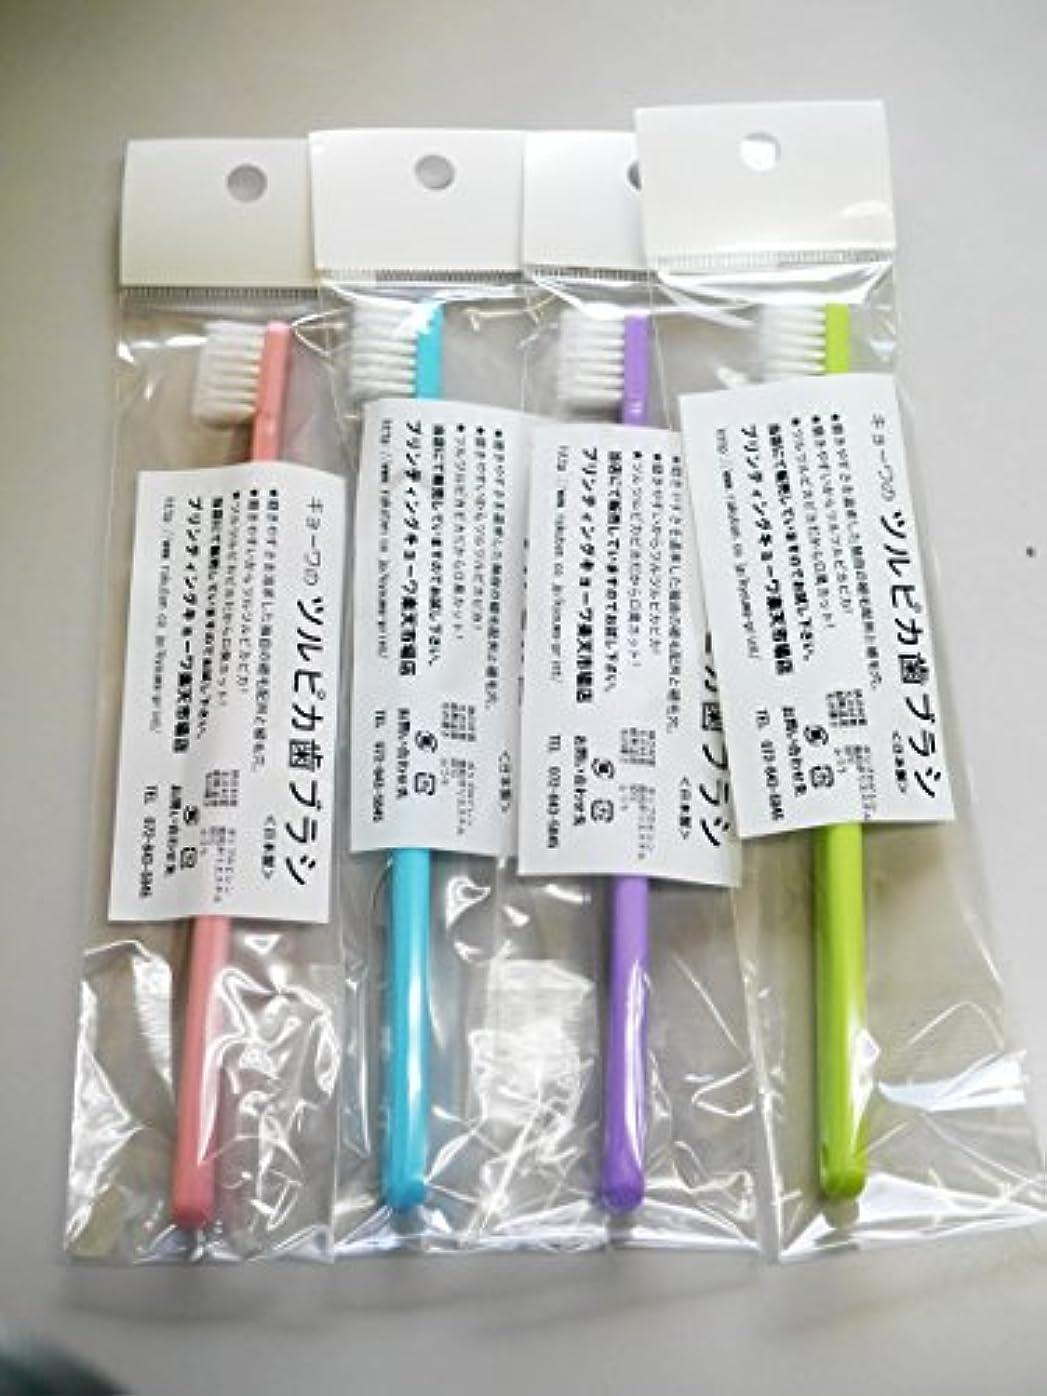 肘キャラバンモーション【株式会社キョーワ】 日本製 キョーワのツルピカ歯ブラシ4本セット (4色×1本)